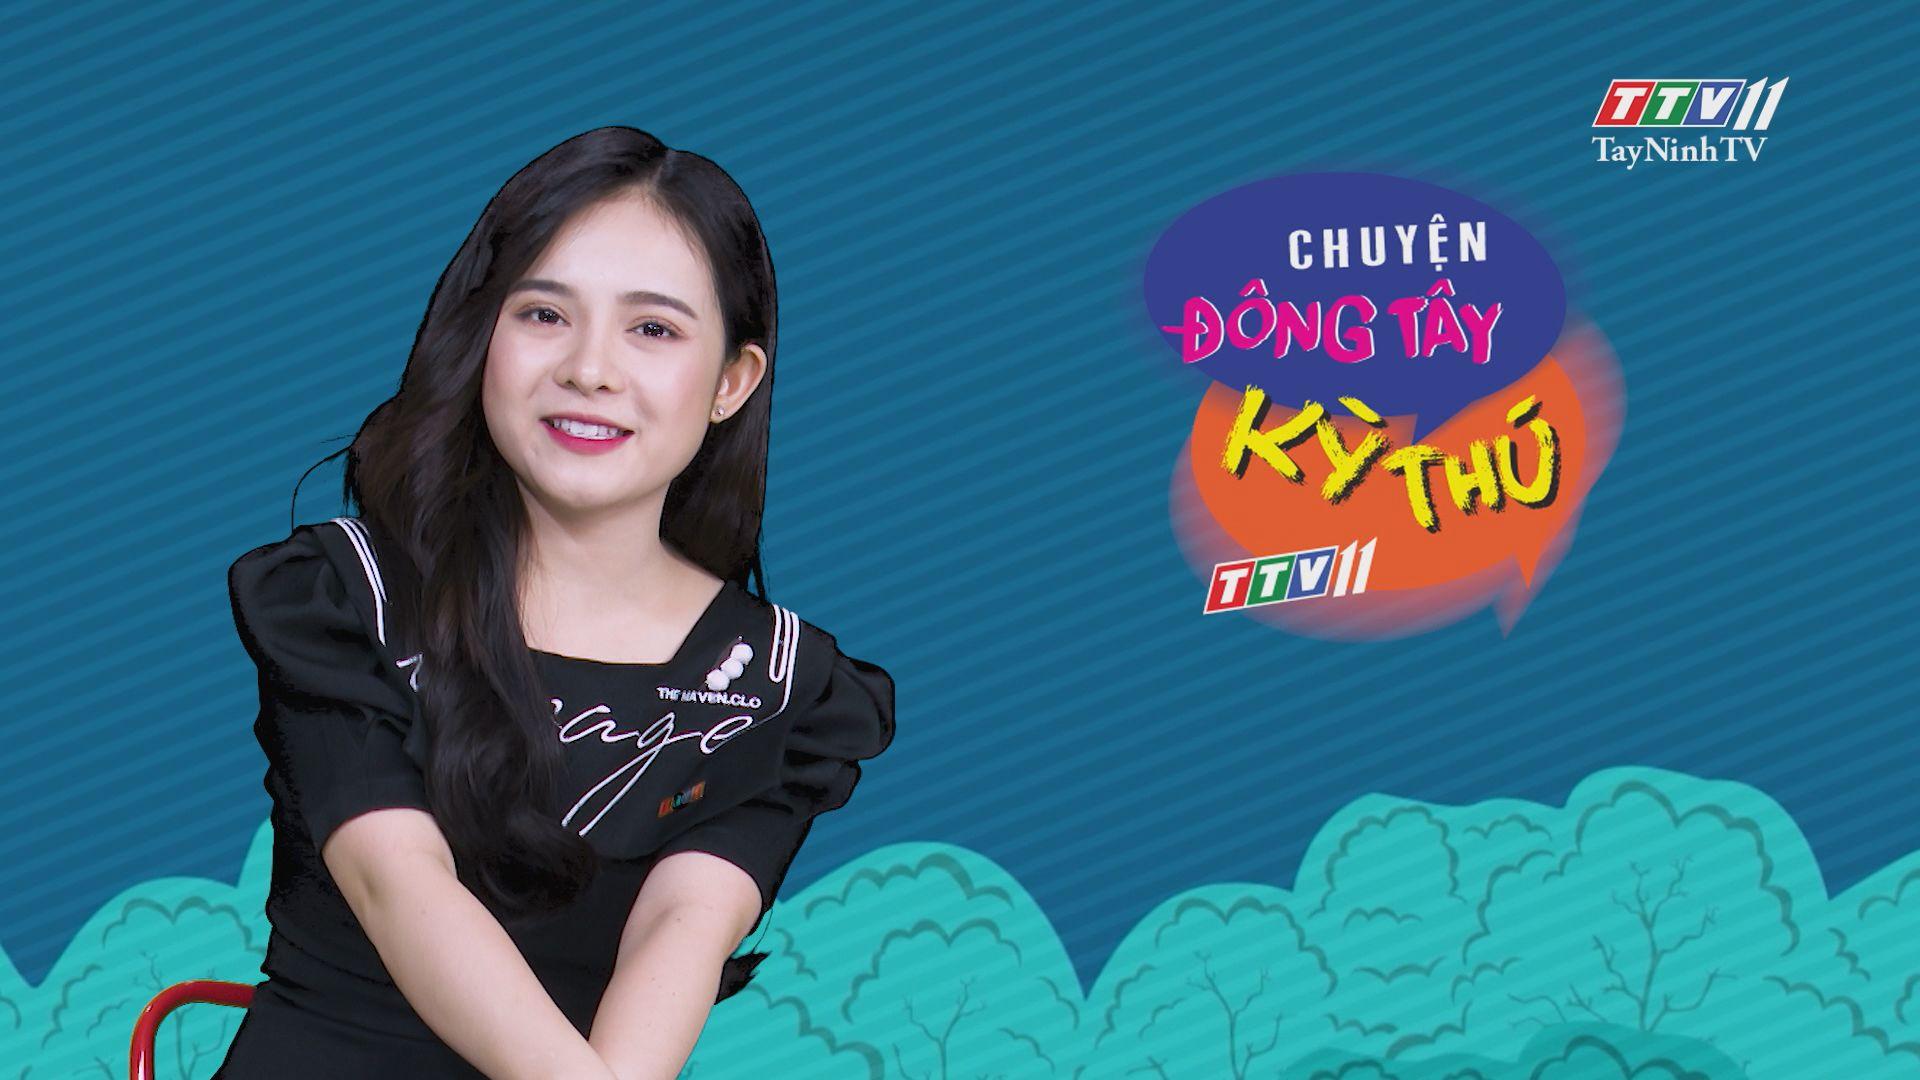 Chuyện Đông Tây Kỳ Thú 18-7-2020 | TayNinhTV